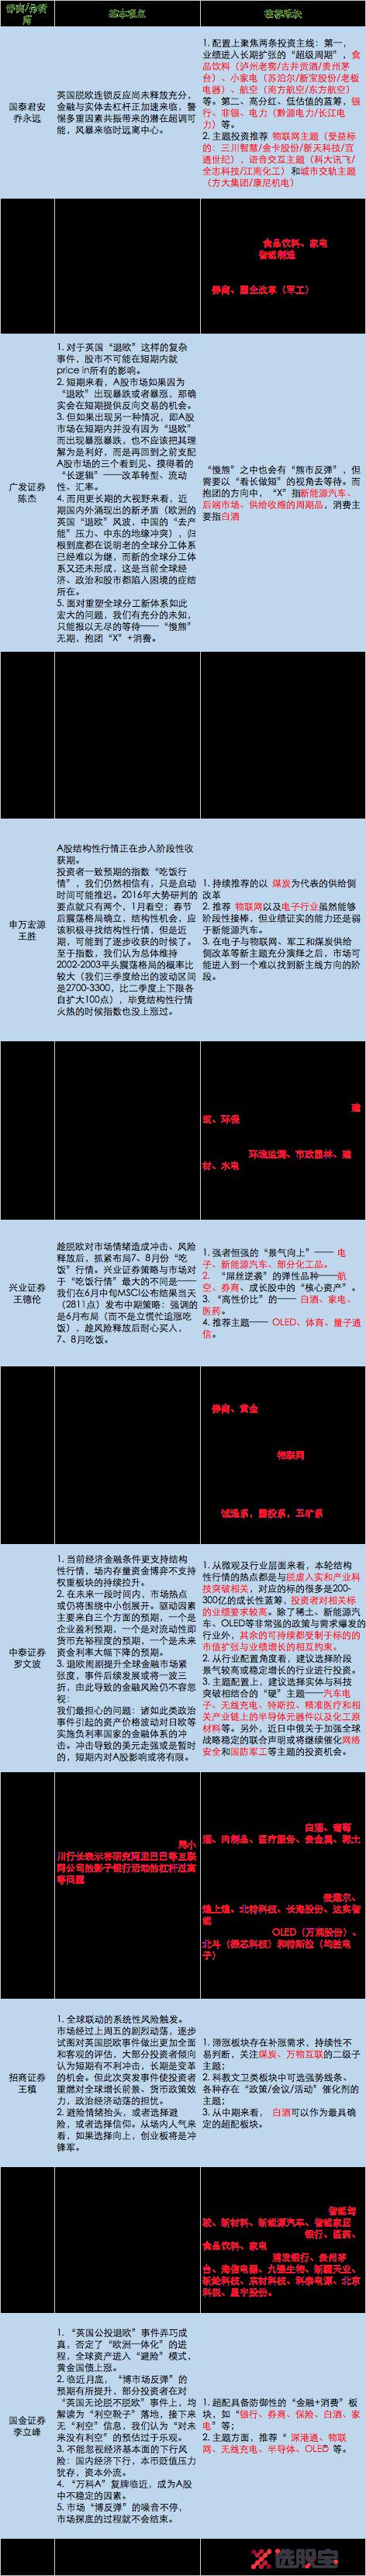 {转} 本周A股策略前瞻:退欧风波未平,吃饭行情还有吗? - 获于耕耘中 - 获于耕耘中